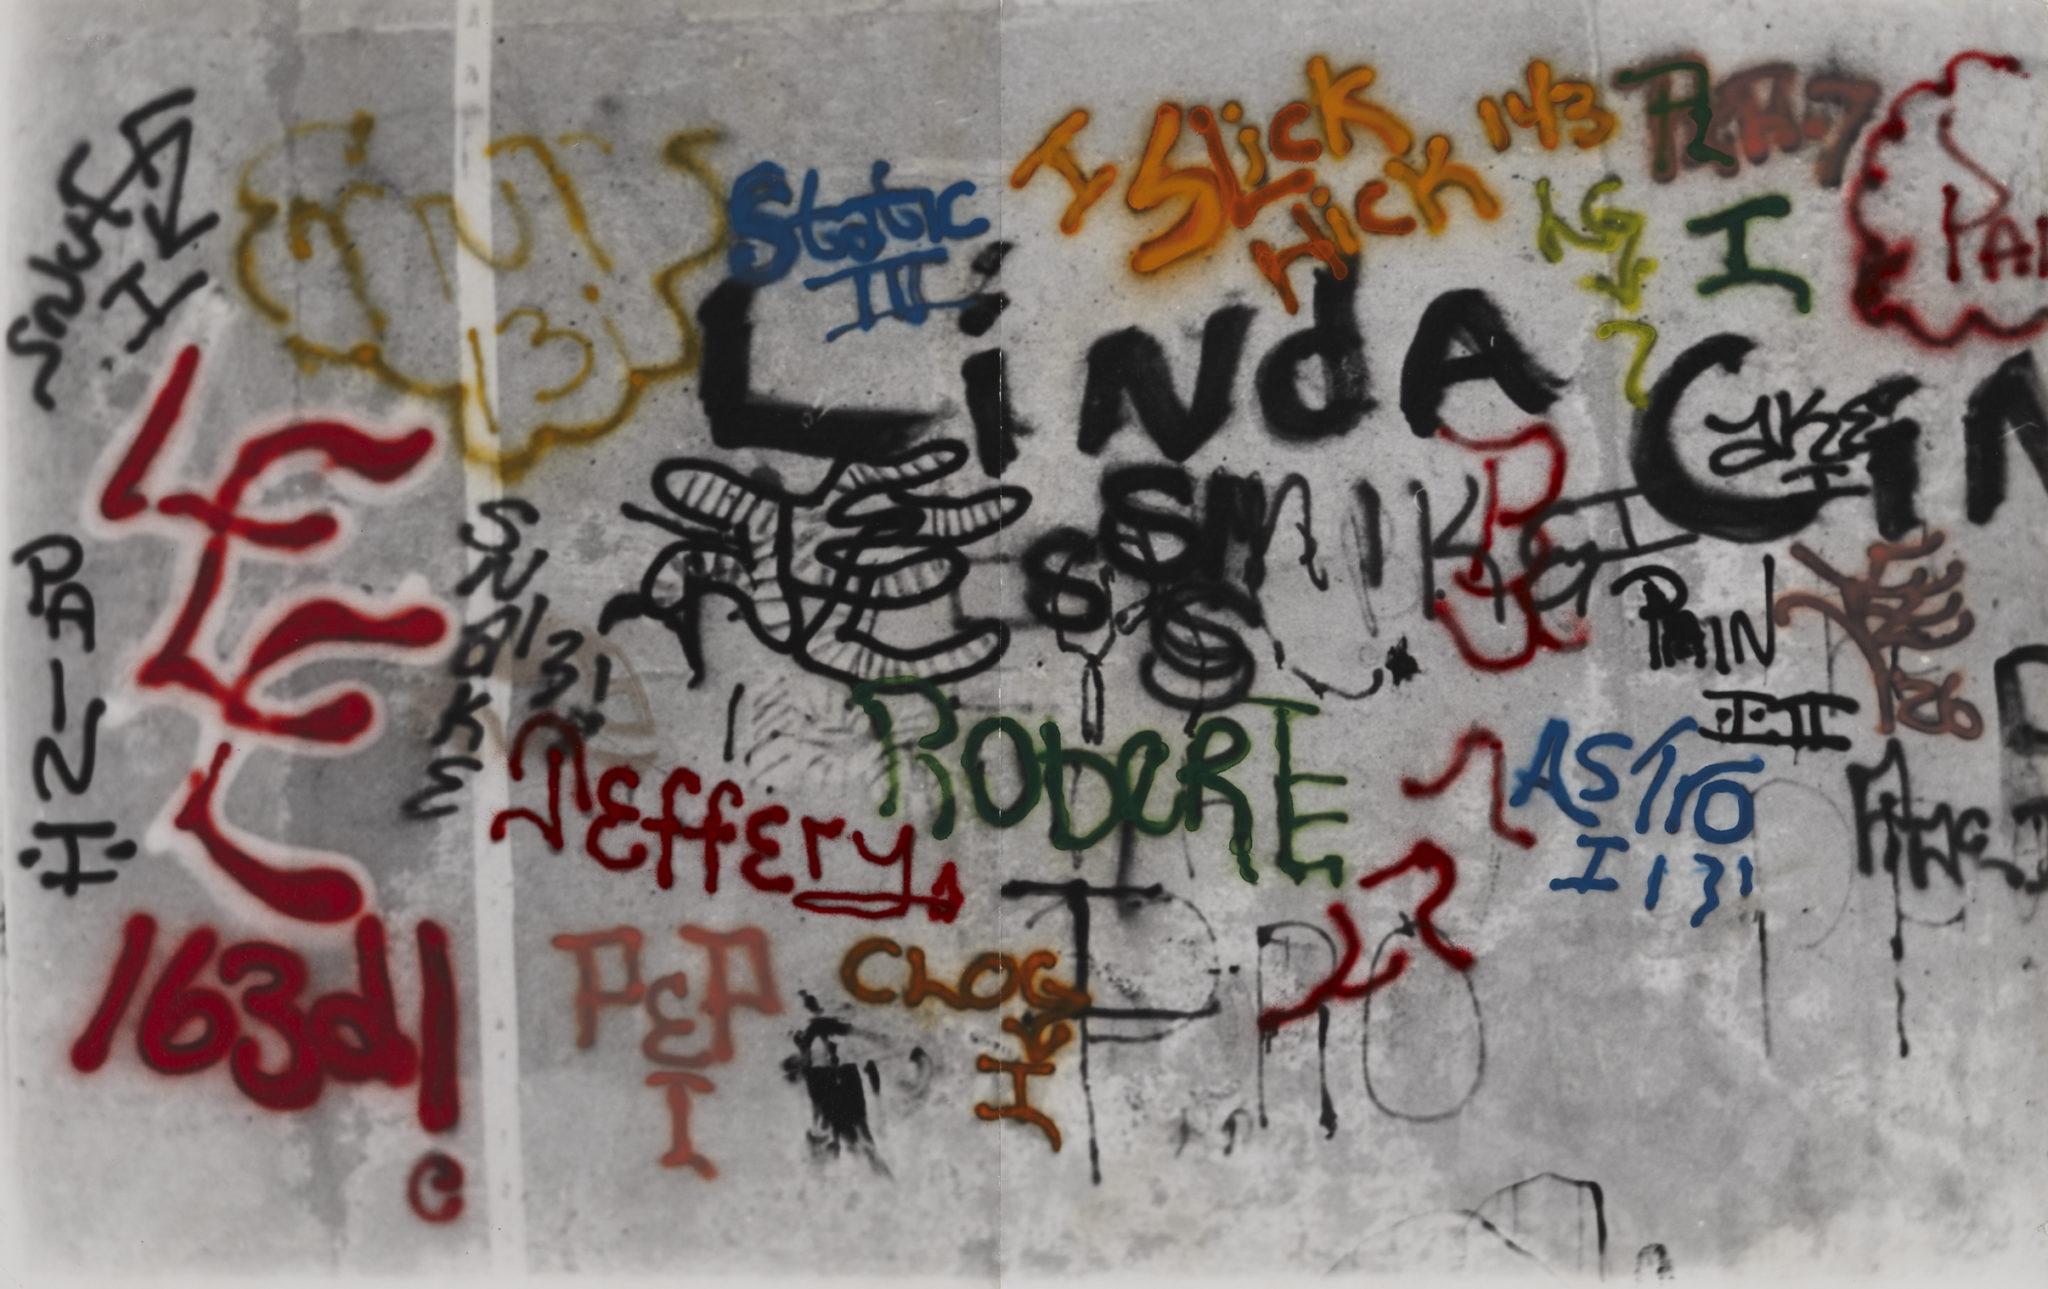 Gordon Matta-Clark Graffiti: Linda, 1973. Courtesy The Estate of Gordon Matta-Clark et David Zwirner, New York / Londres / Hong Kong. © 2018 The Estate of Gordon Matta-Clark / ADAGP, Paris